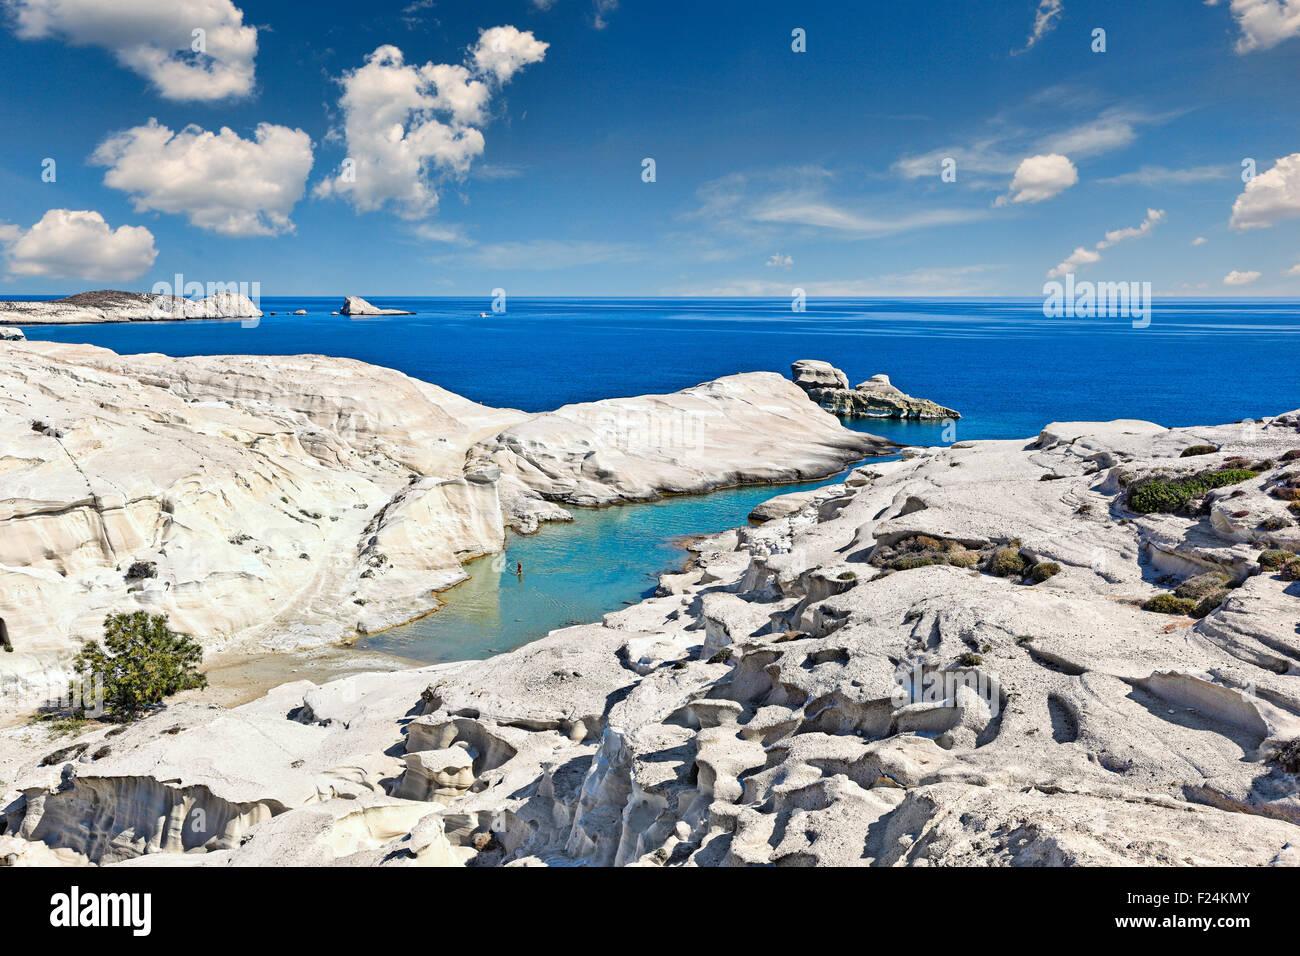 Die berühmten Sarakiniko in Milos, Griechenland Stockbild